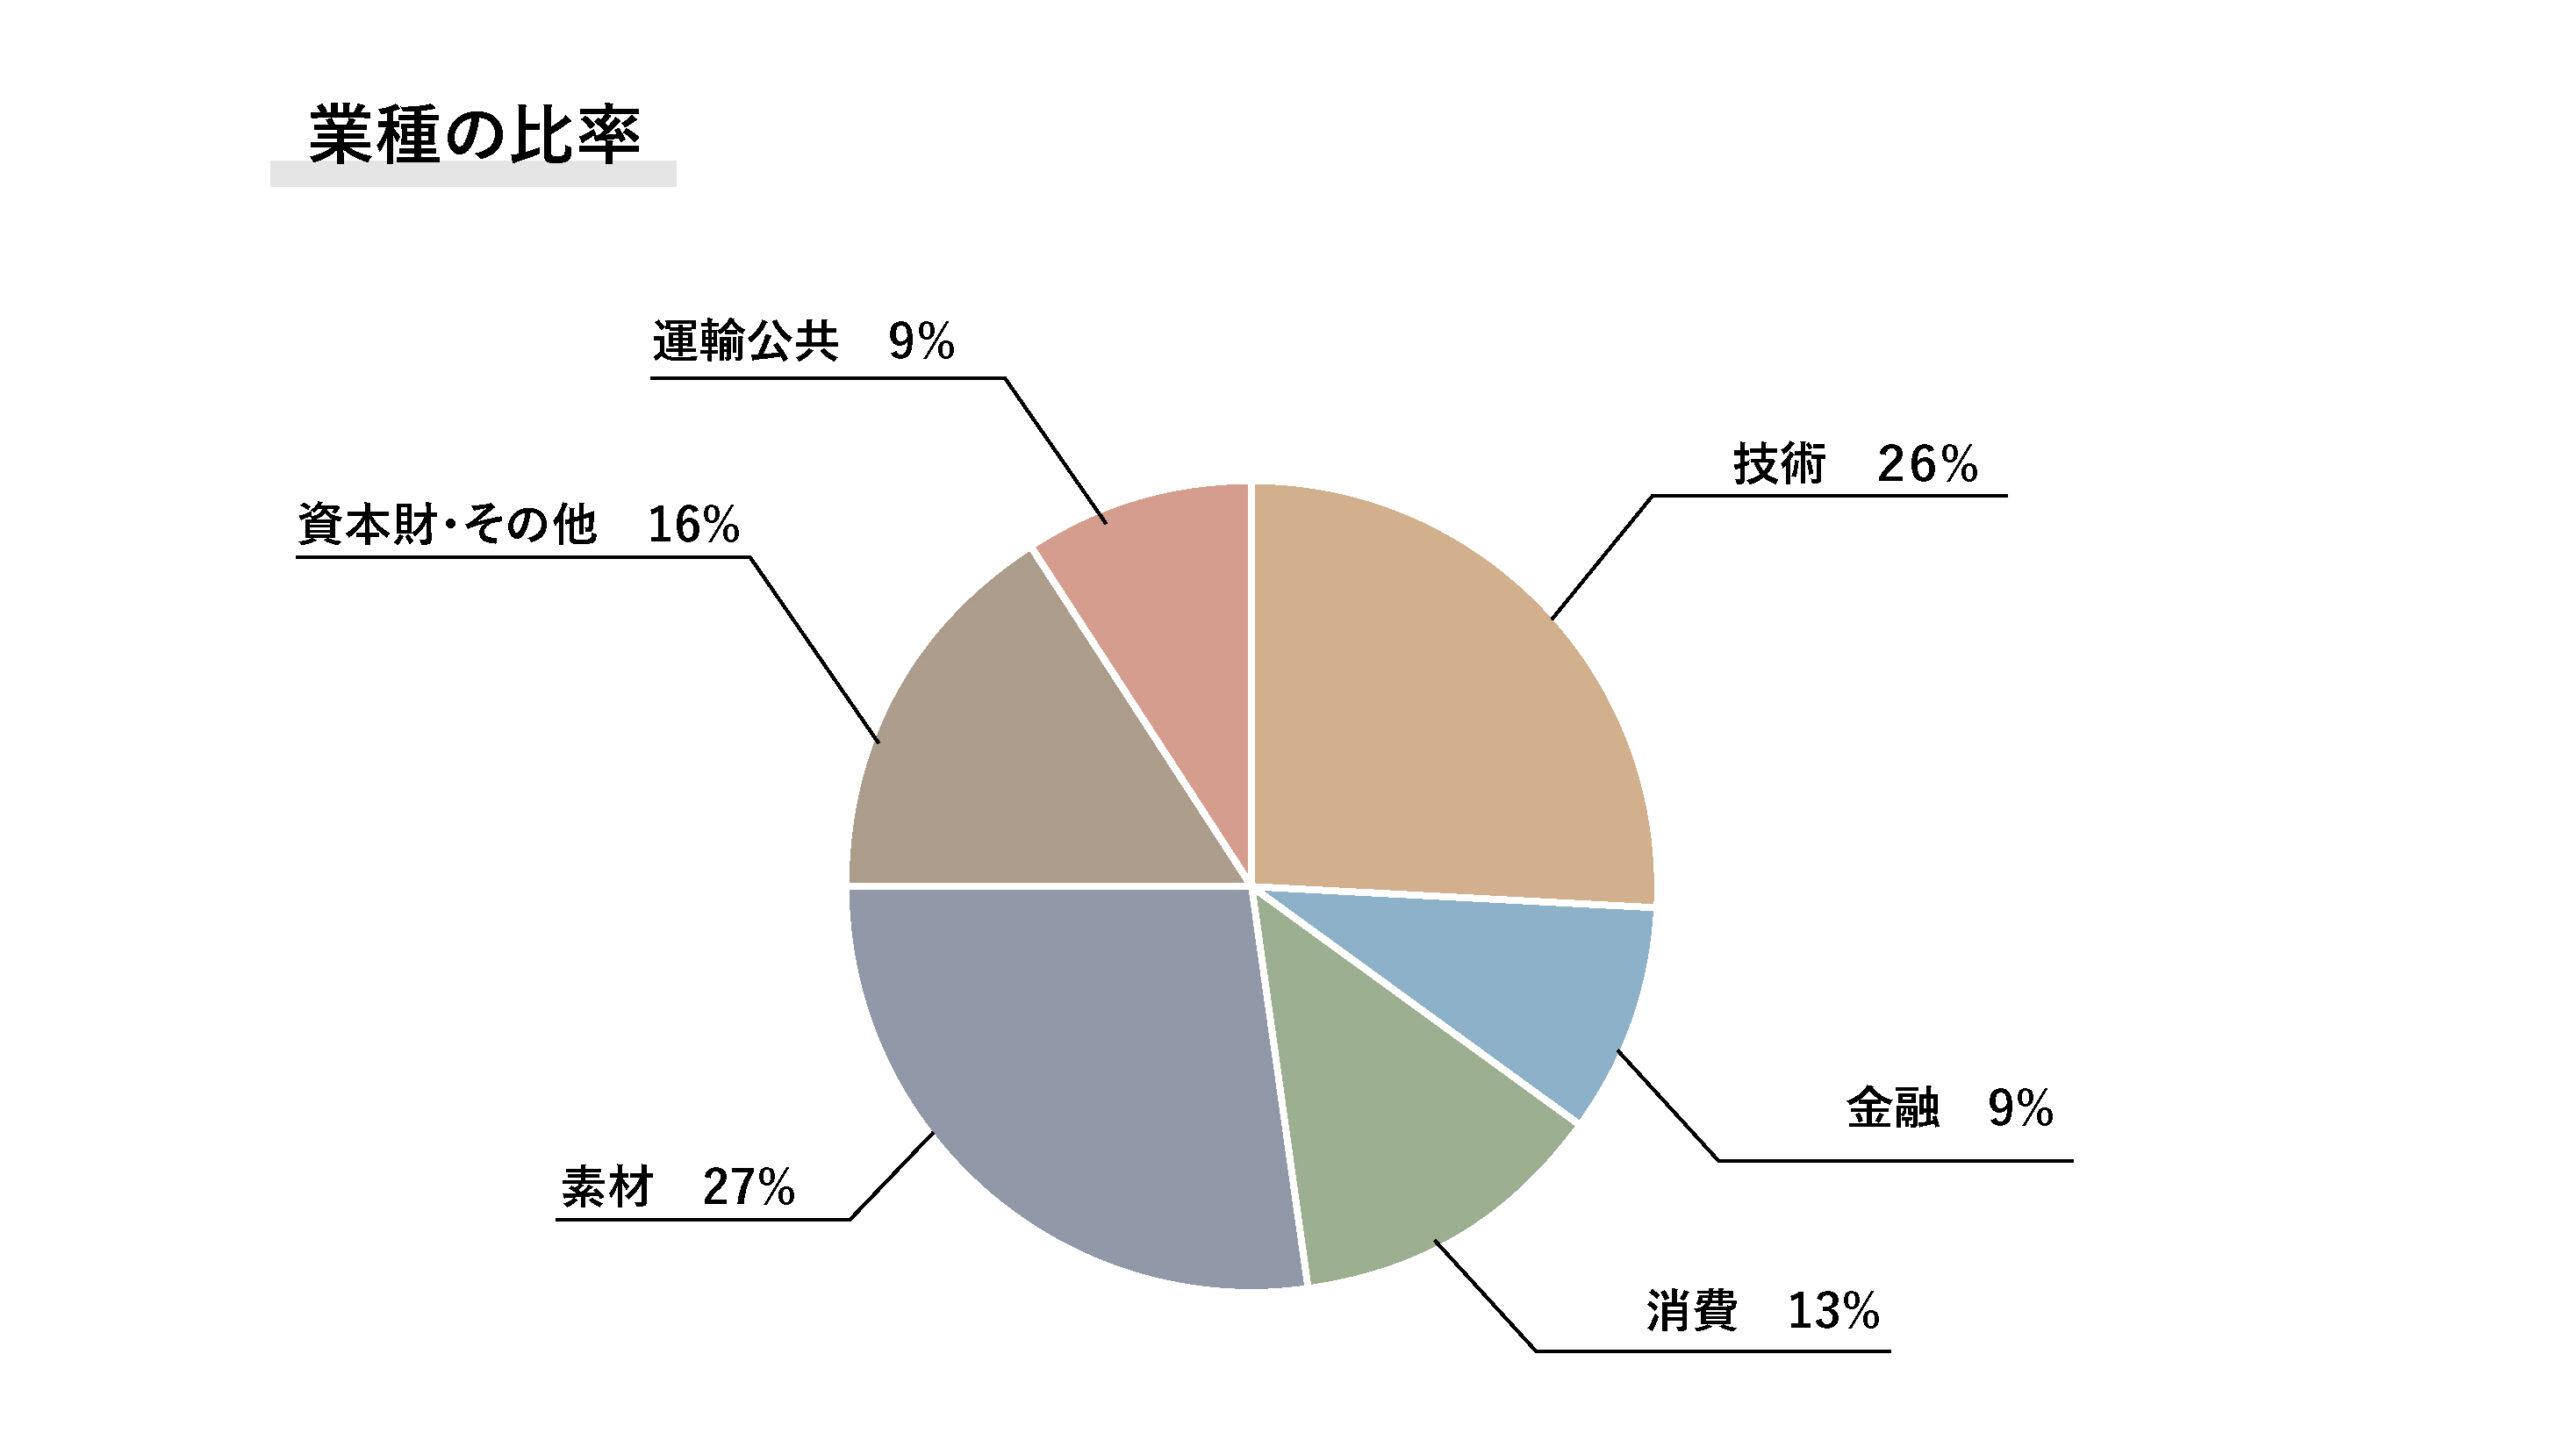 業種の比率のイメージ